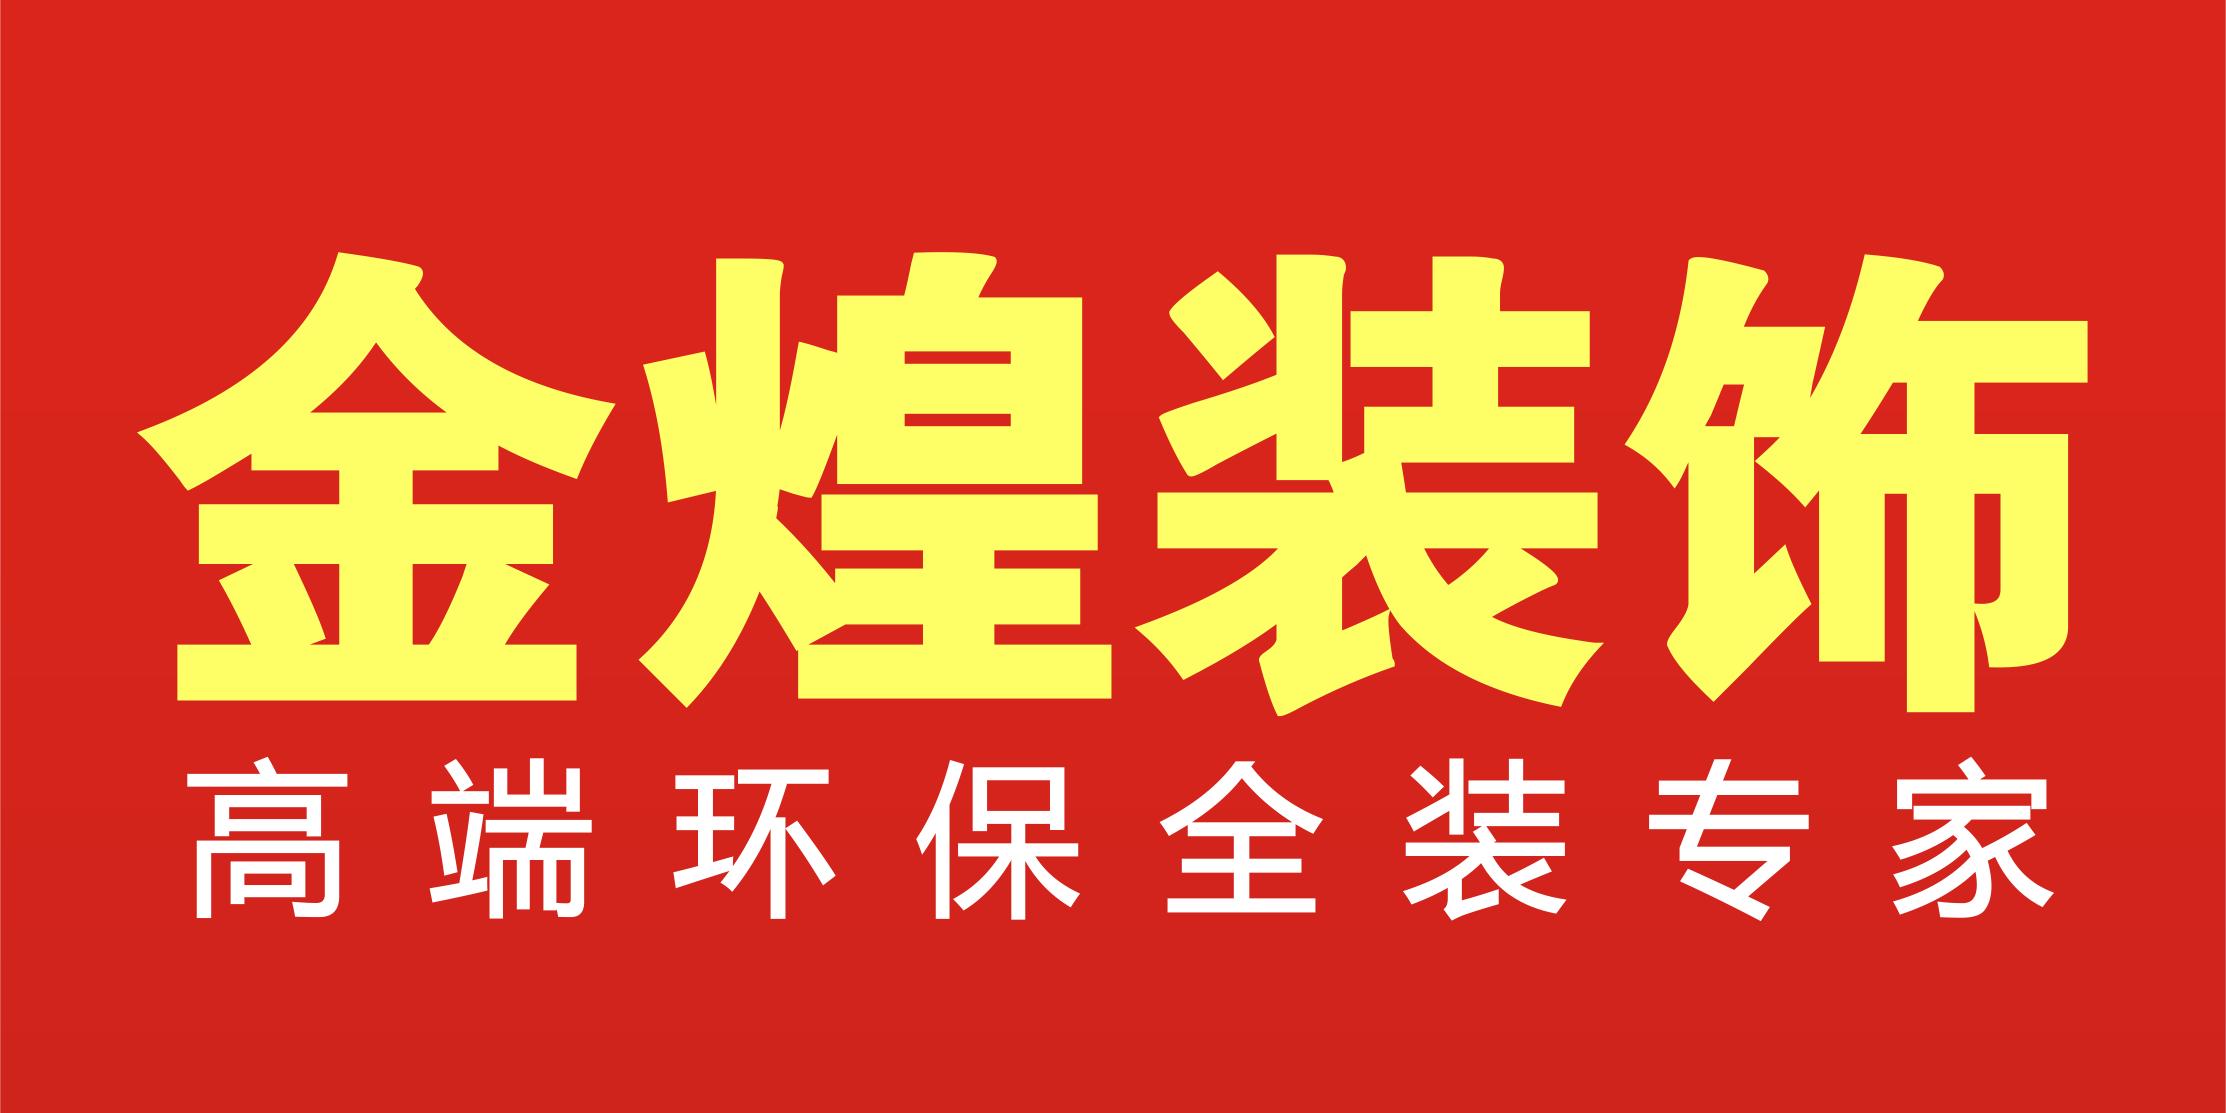 金煌装饰湘潭分公司